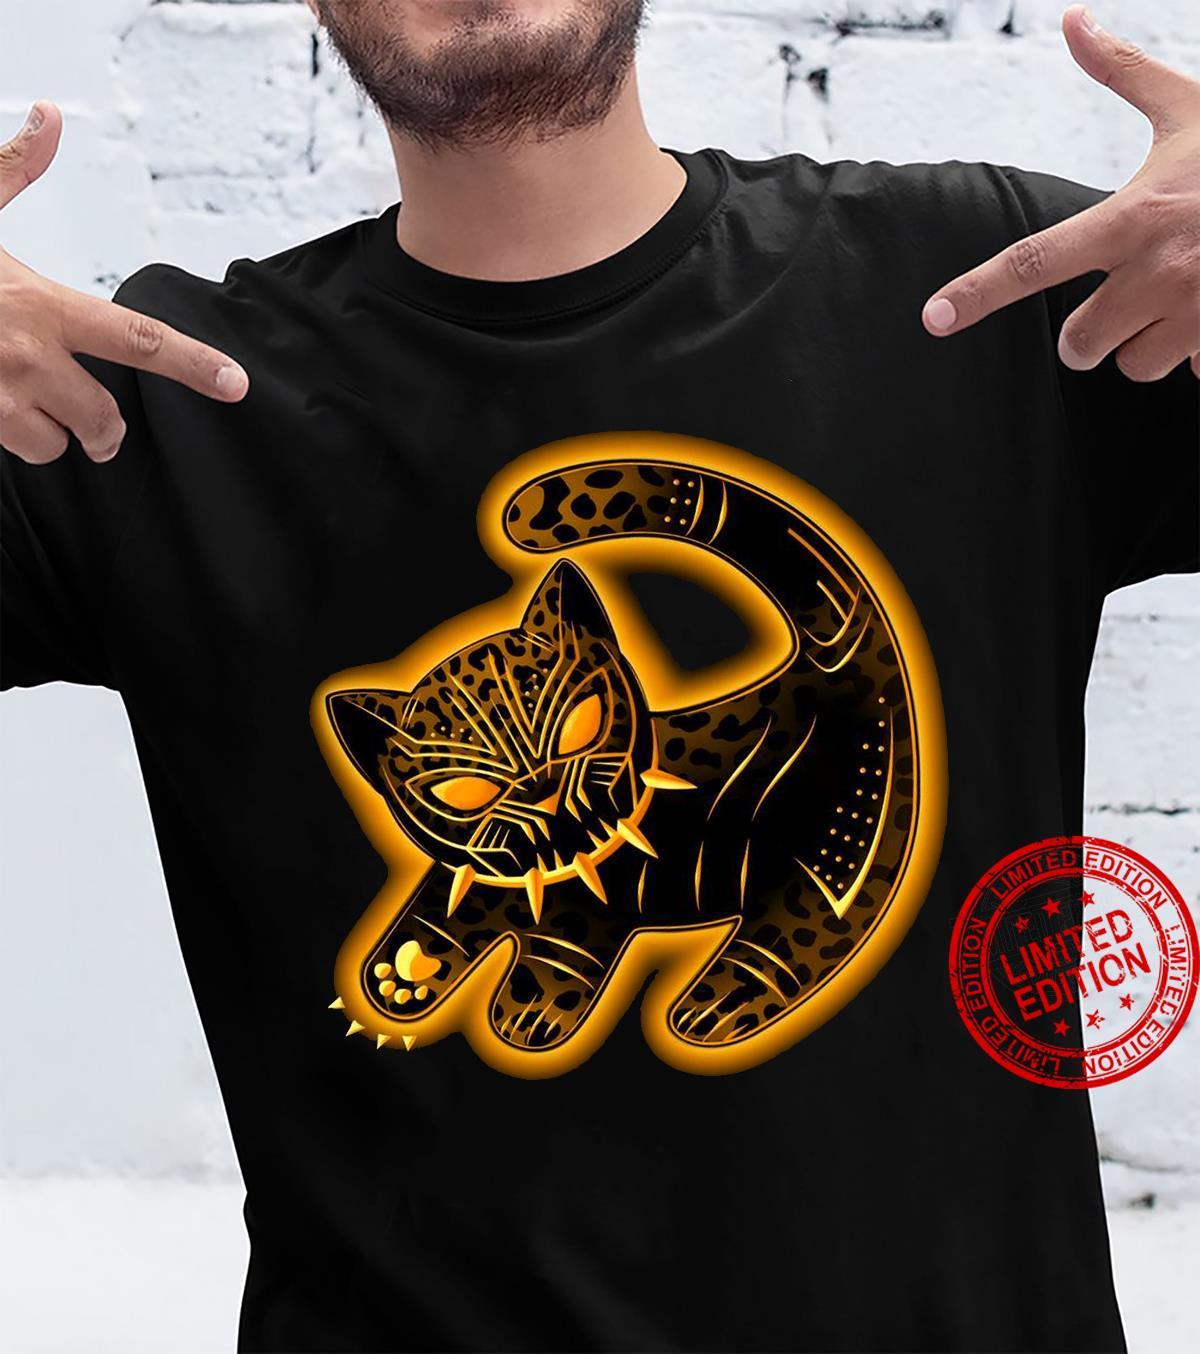 The Fake Black Panther King shirt